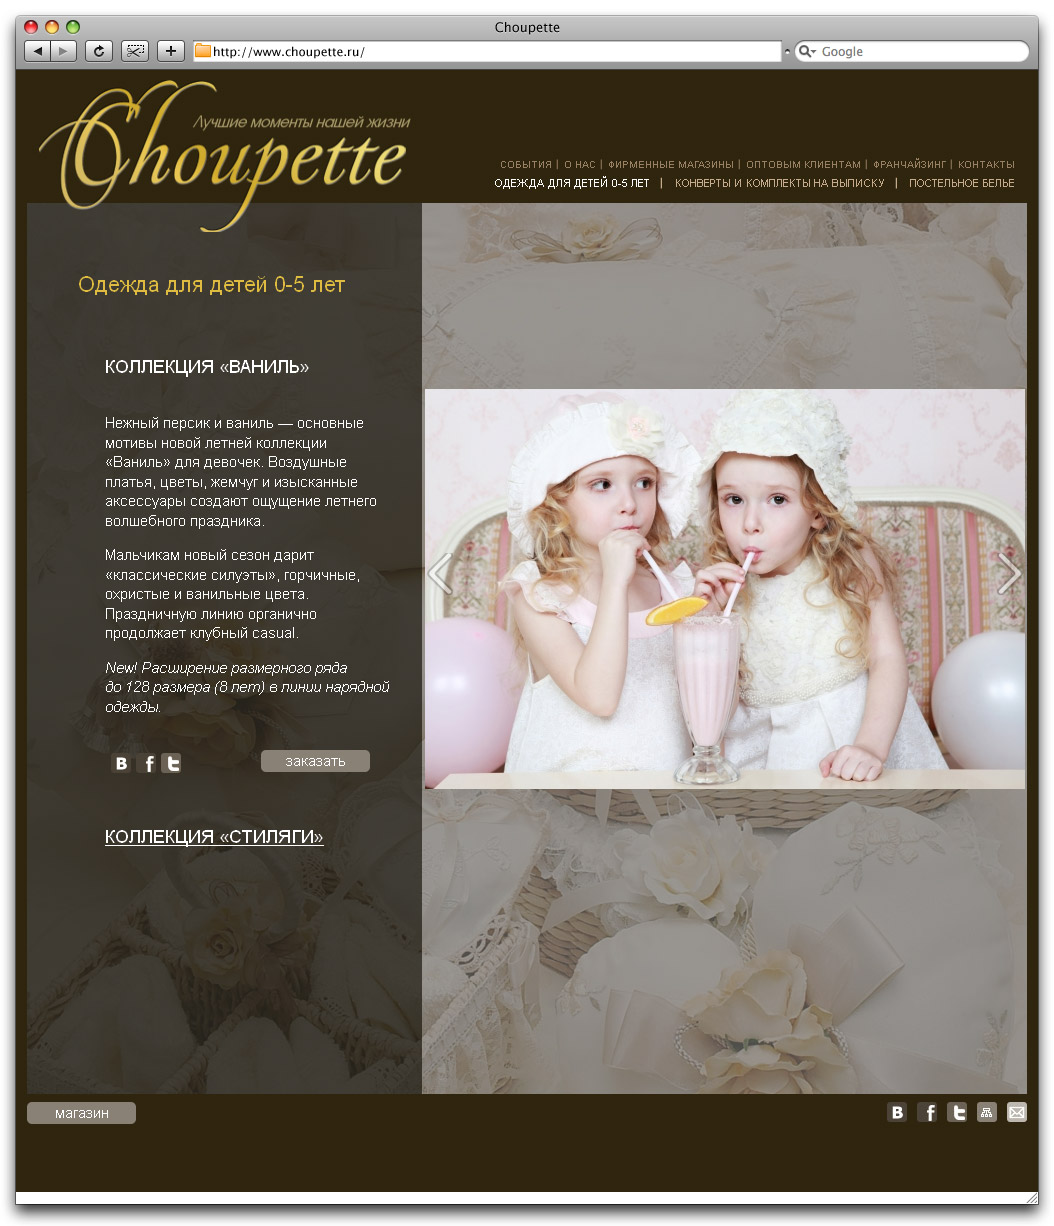 Choupette - детская одежда